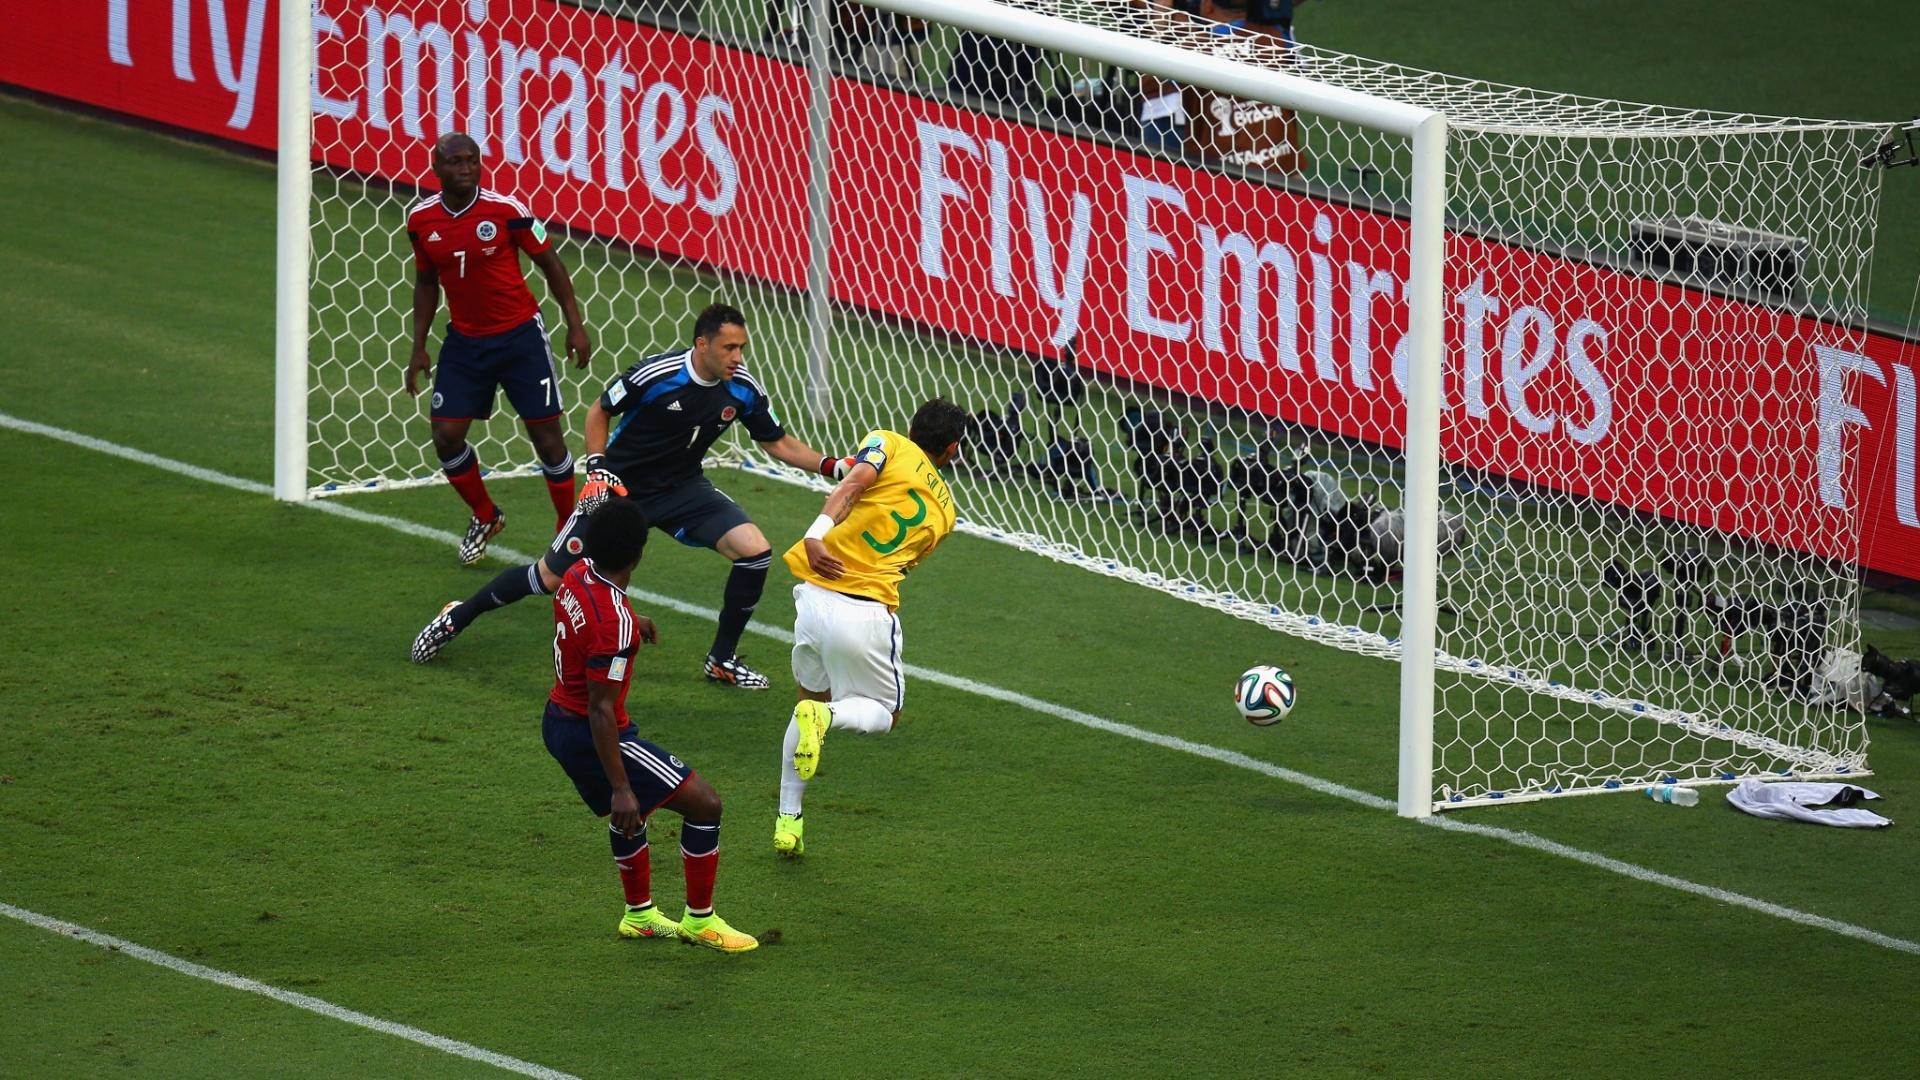 04.jul.2014 - Zagueiro Thiago Silva desvia a bola na pequena área e marca o primeiro do Brasil contra a Colômbia, no Castelão